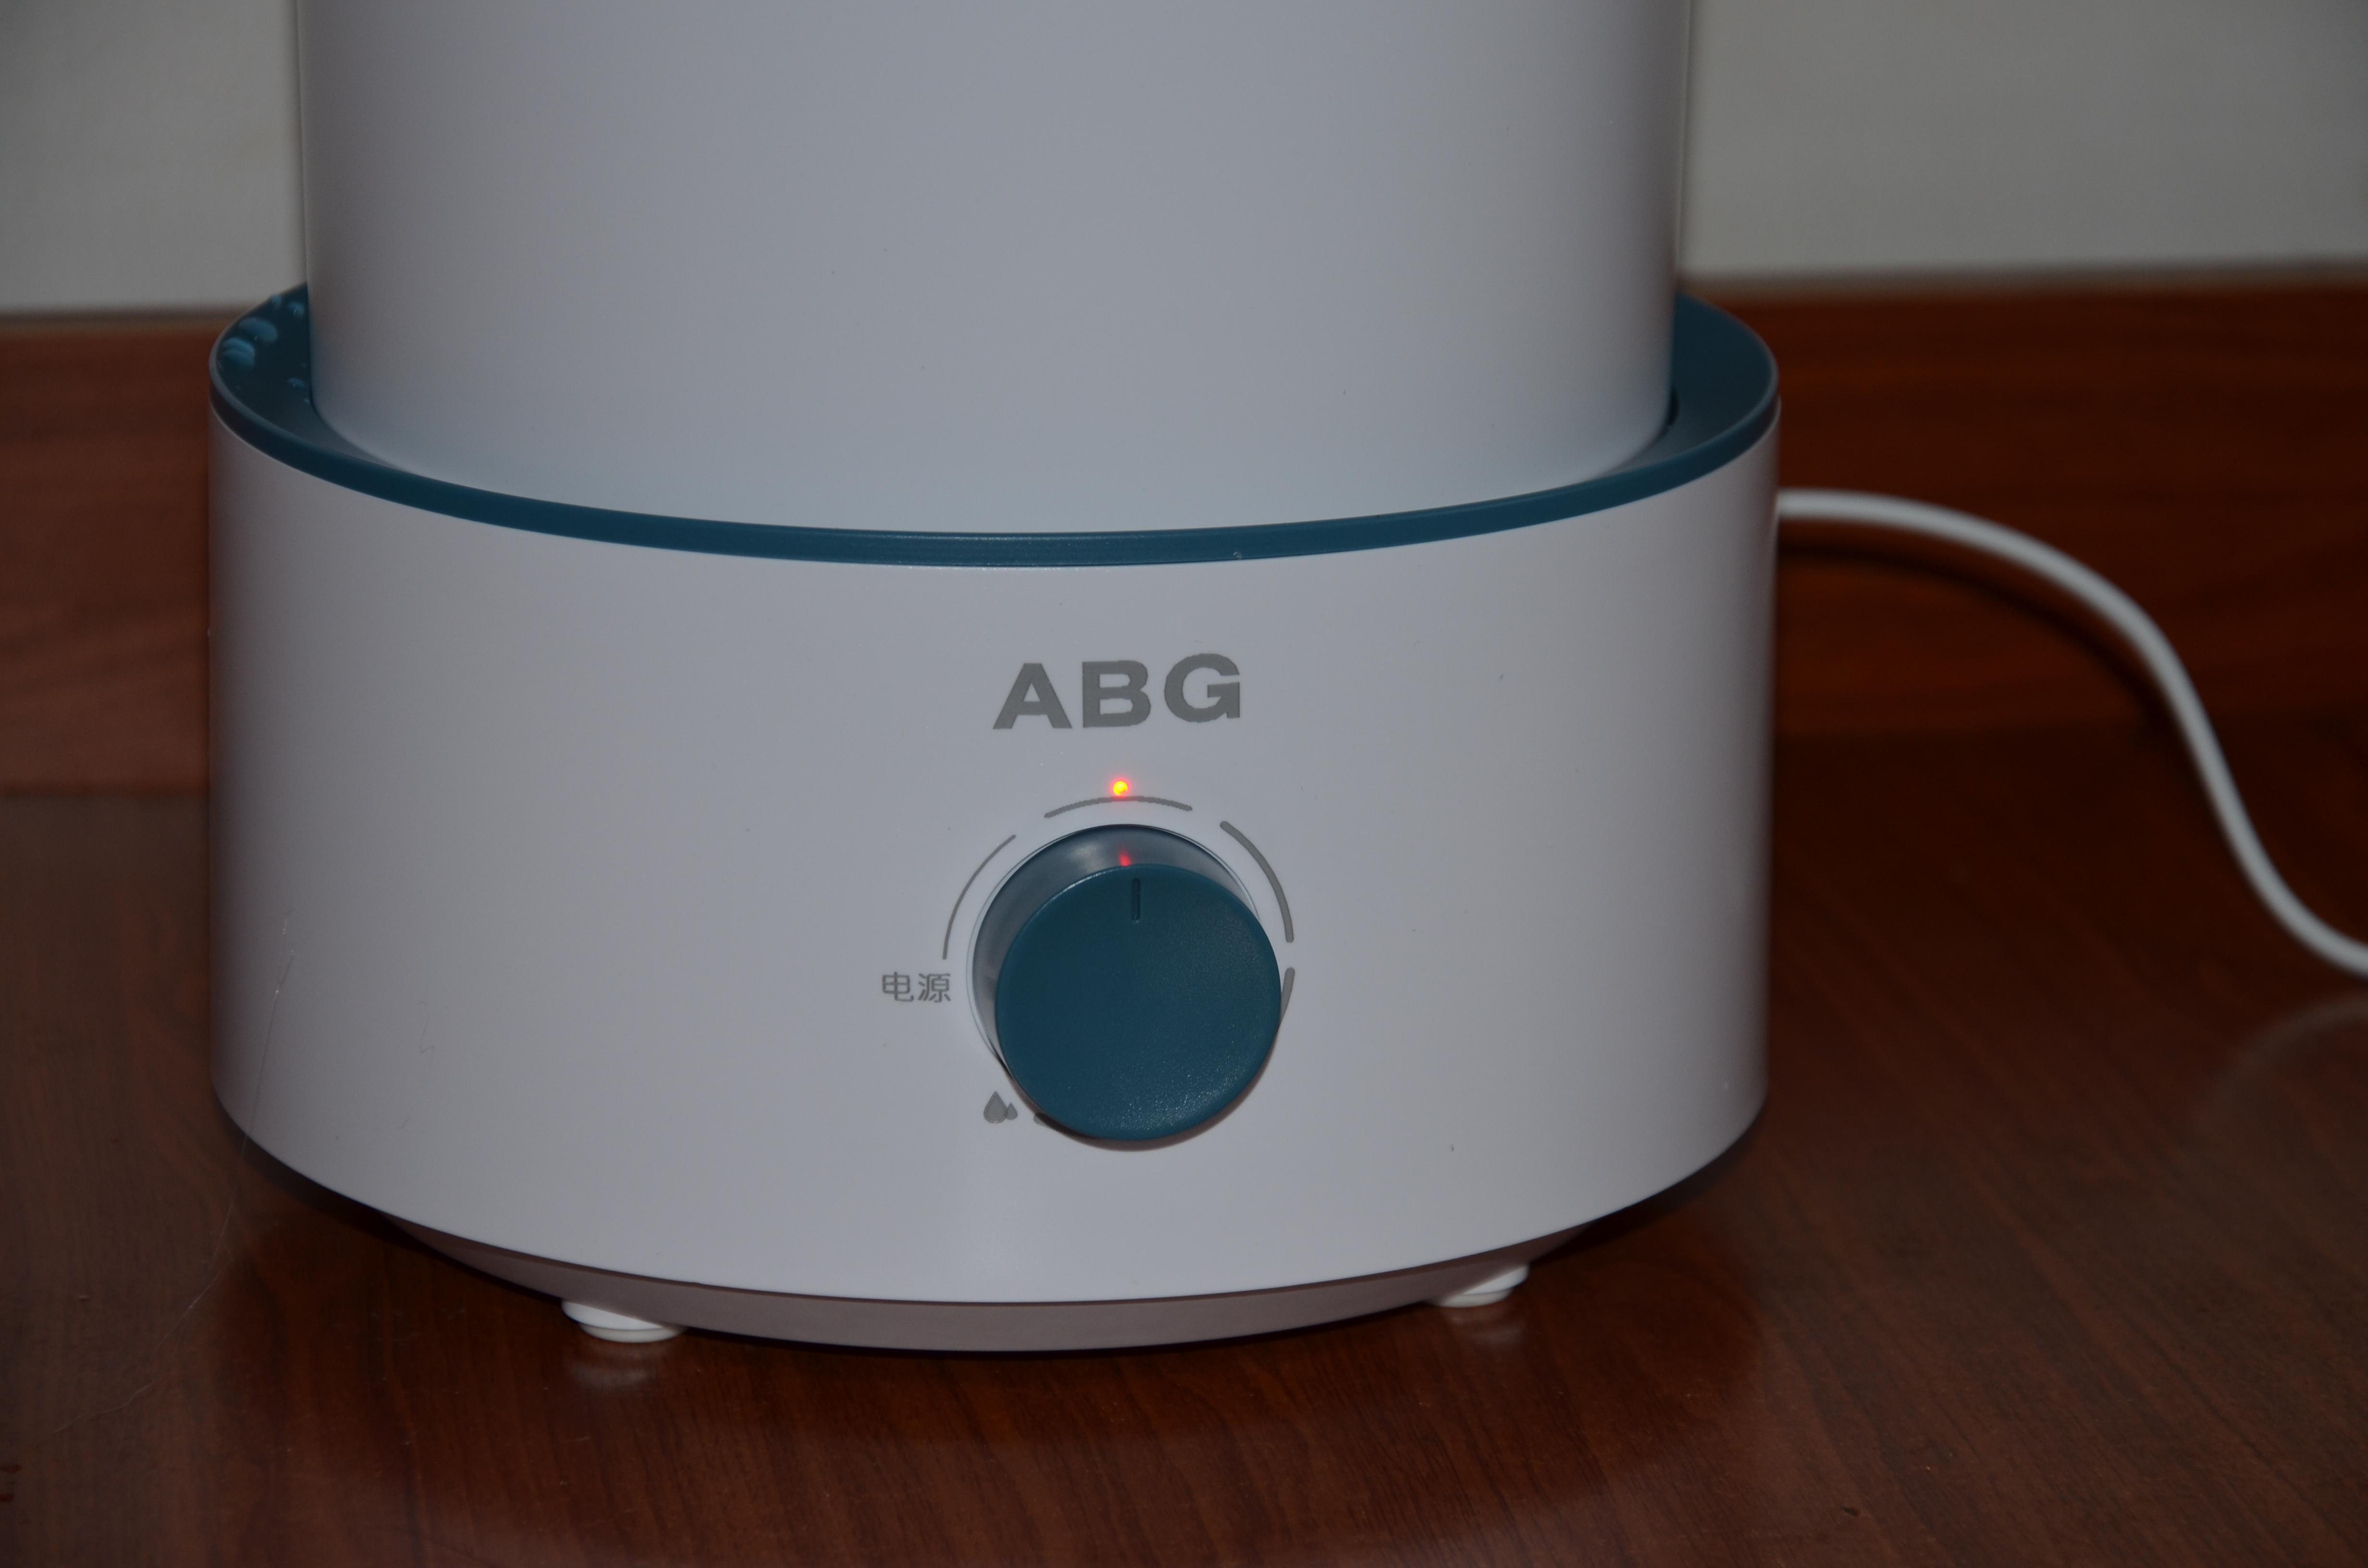 充沛喷雾�Q�长效滋润——ABG SPHC0001A加湿�? inline=